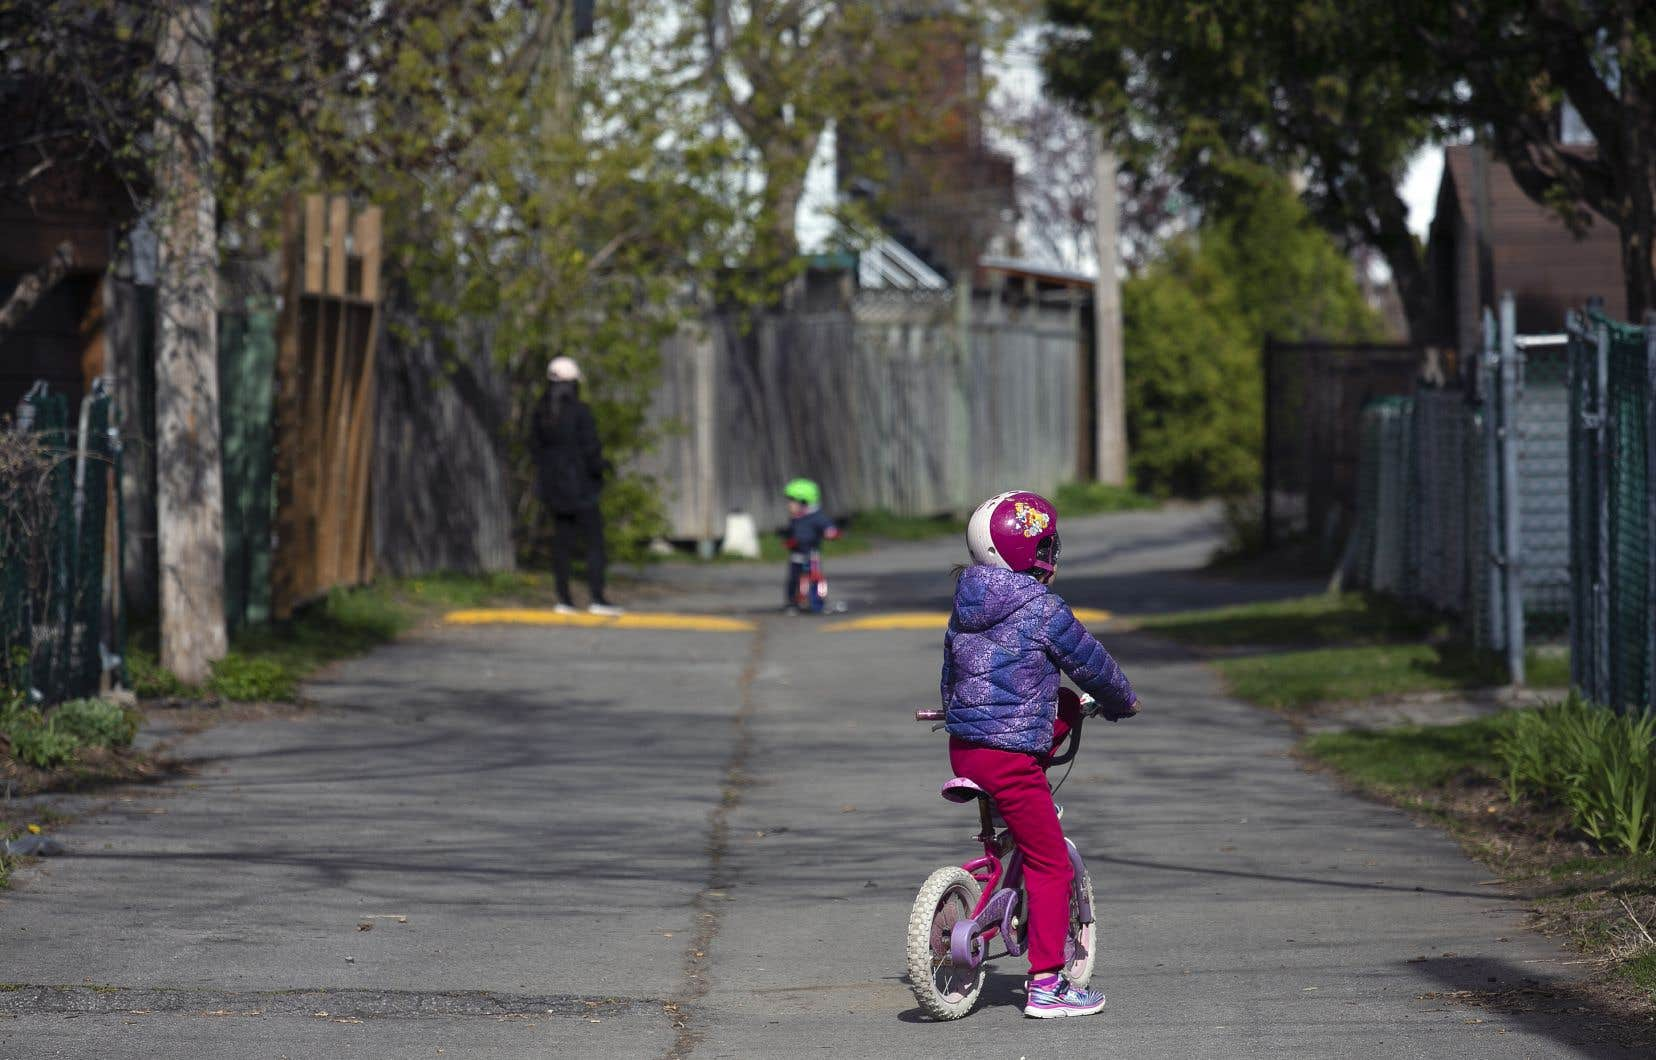 «Les données nous montrent qu'il y a actuellement très peu de transmission des enfants vers les adultes, et donc peu de conséquences sur la santé de la population», écrivent les auteurs.